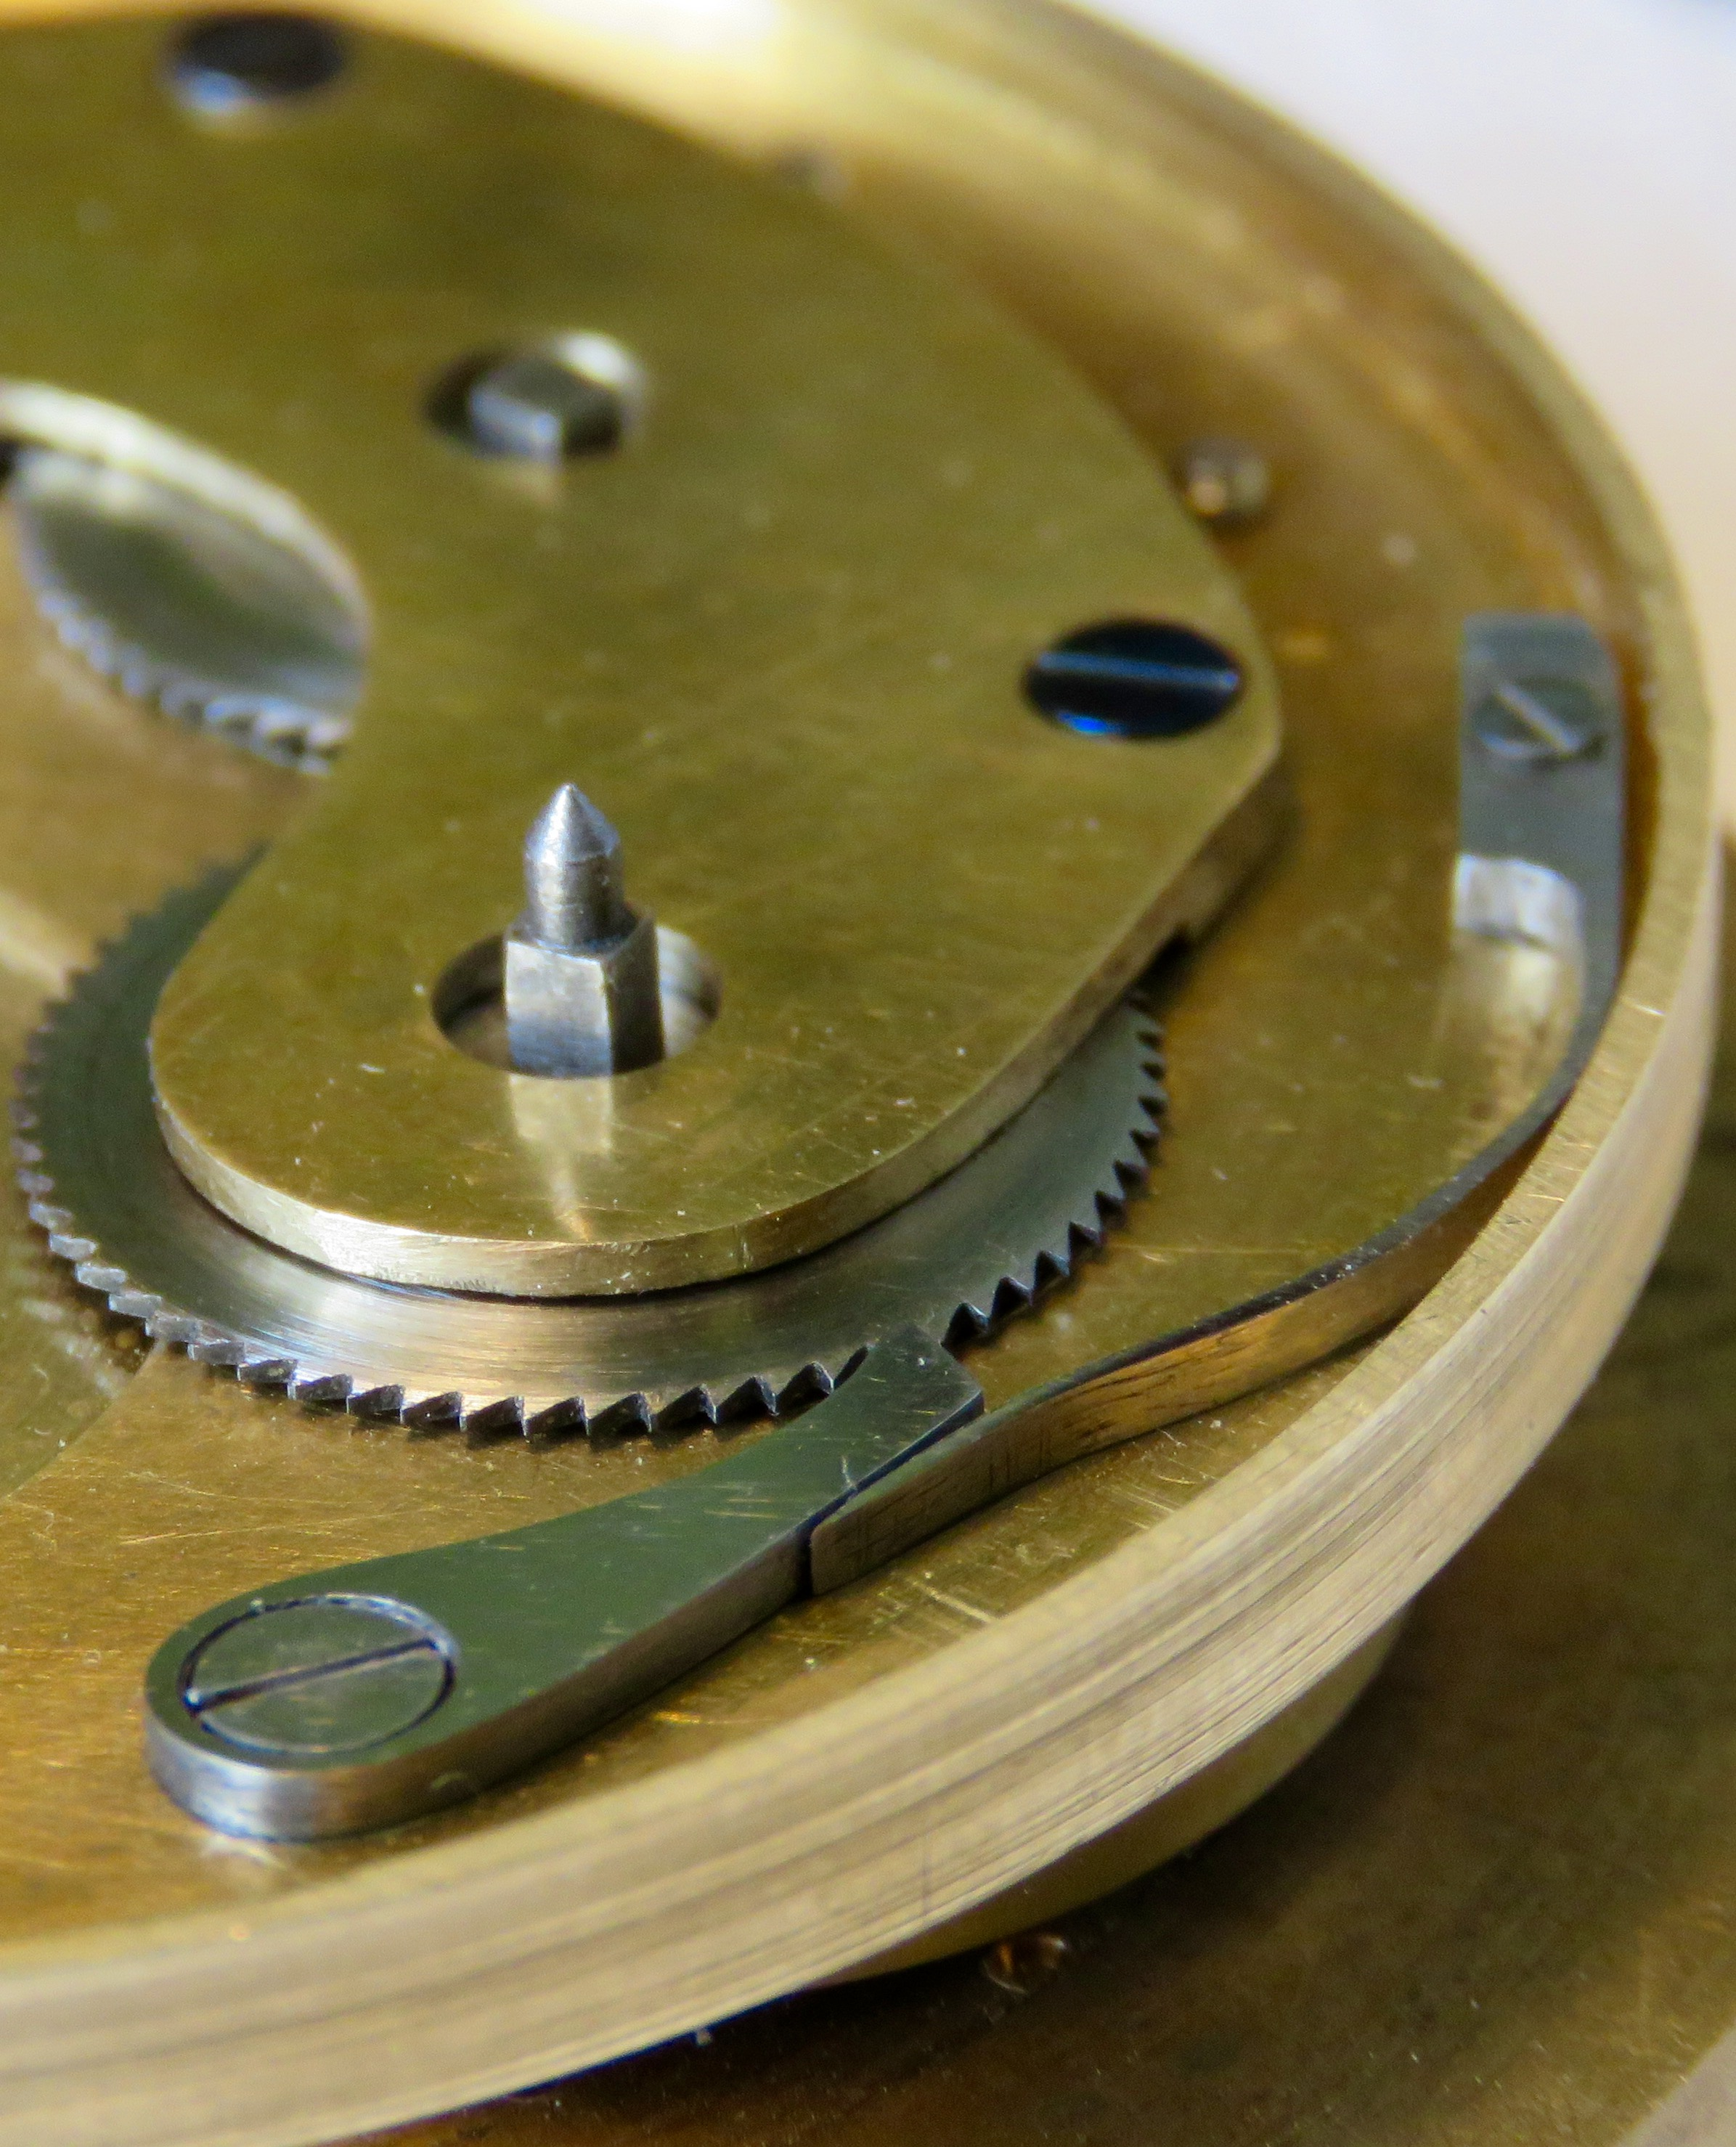 Australian watchmaker Reuben Schoots